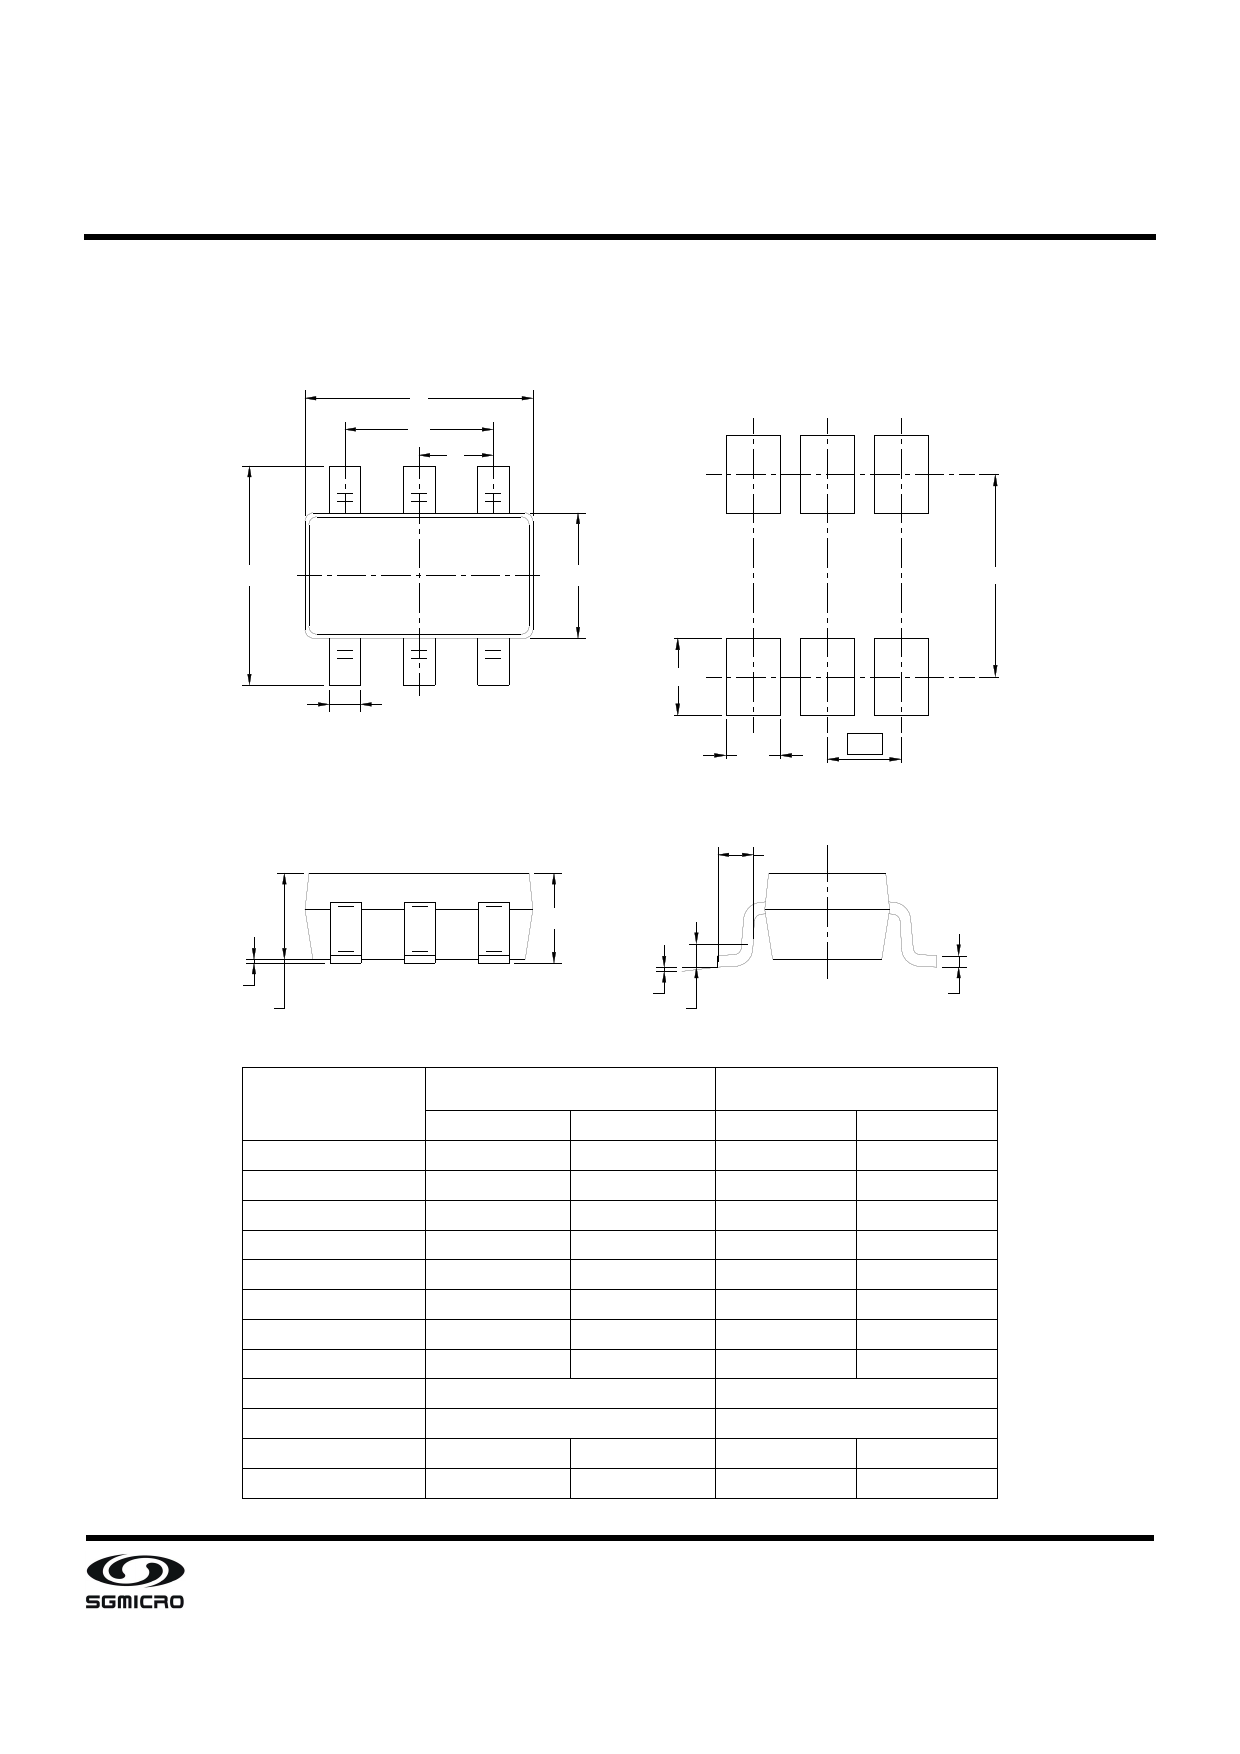 SGM8933 diode, scr